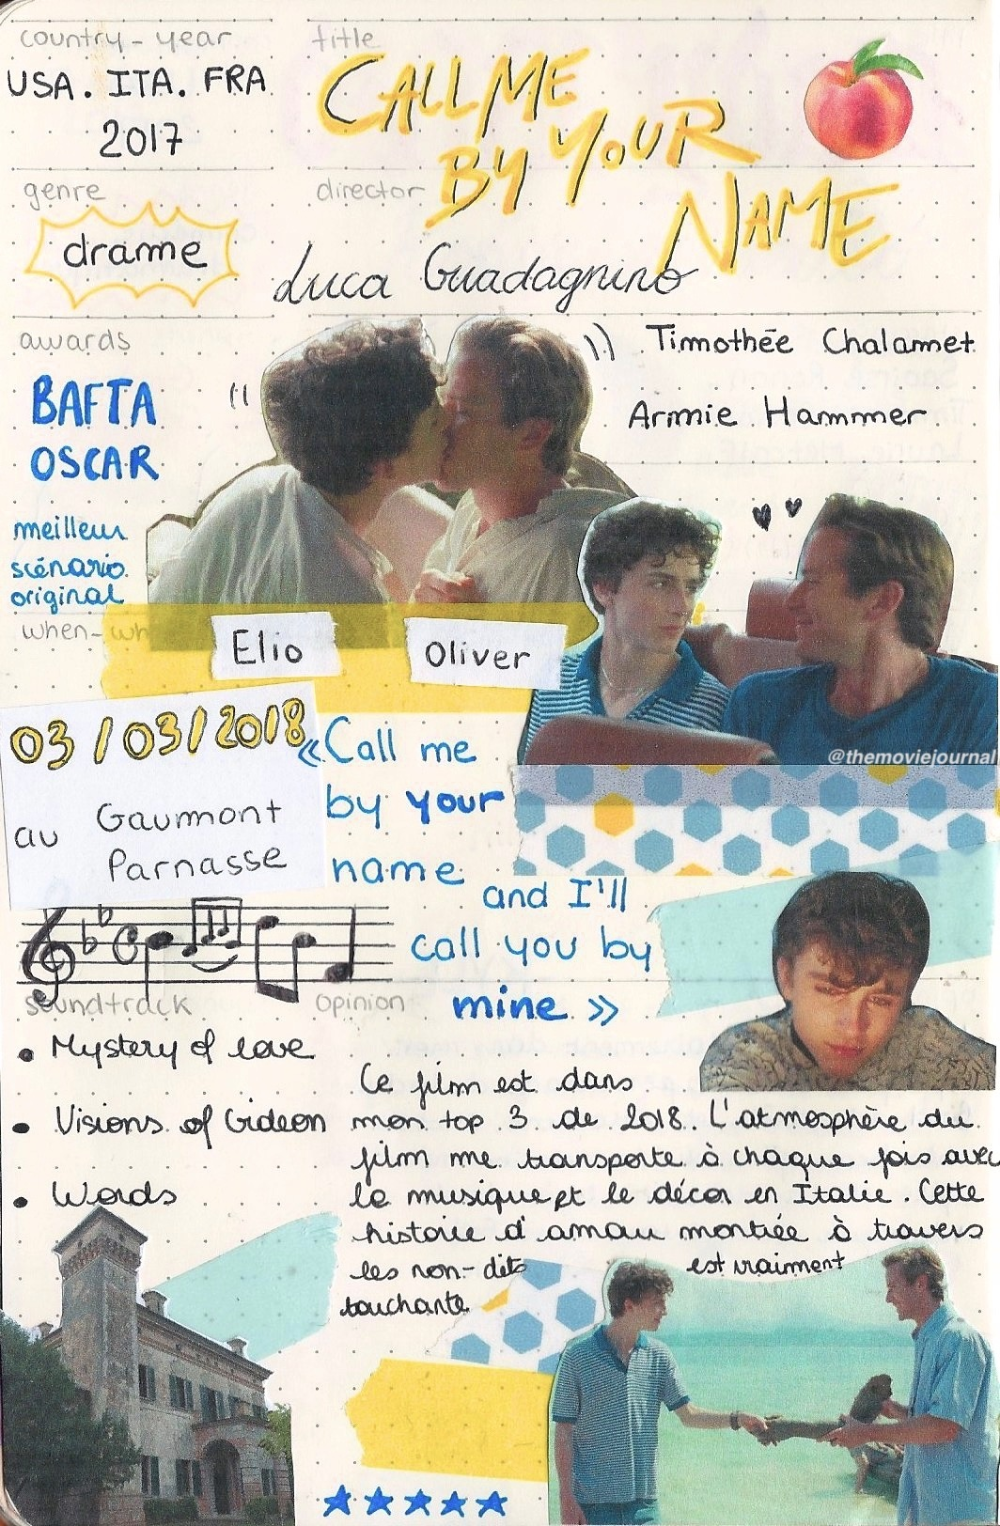 Margot's movie journal